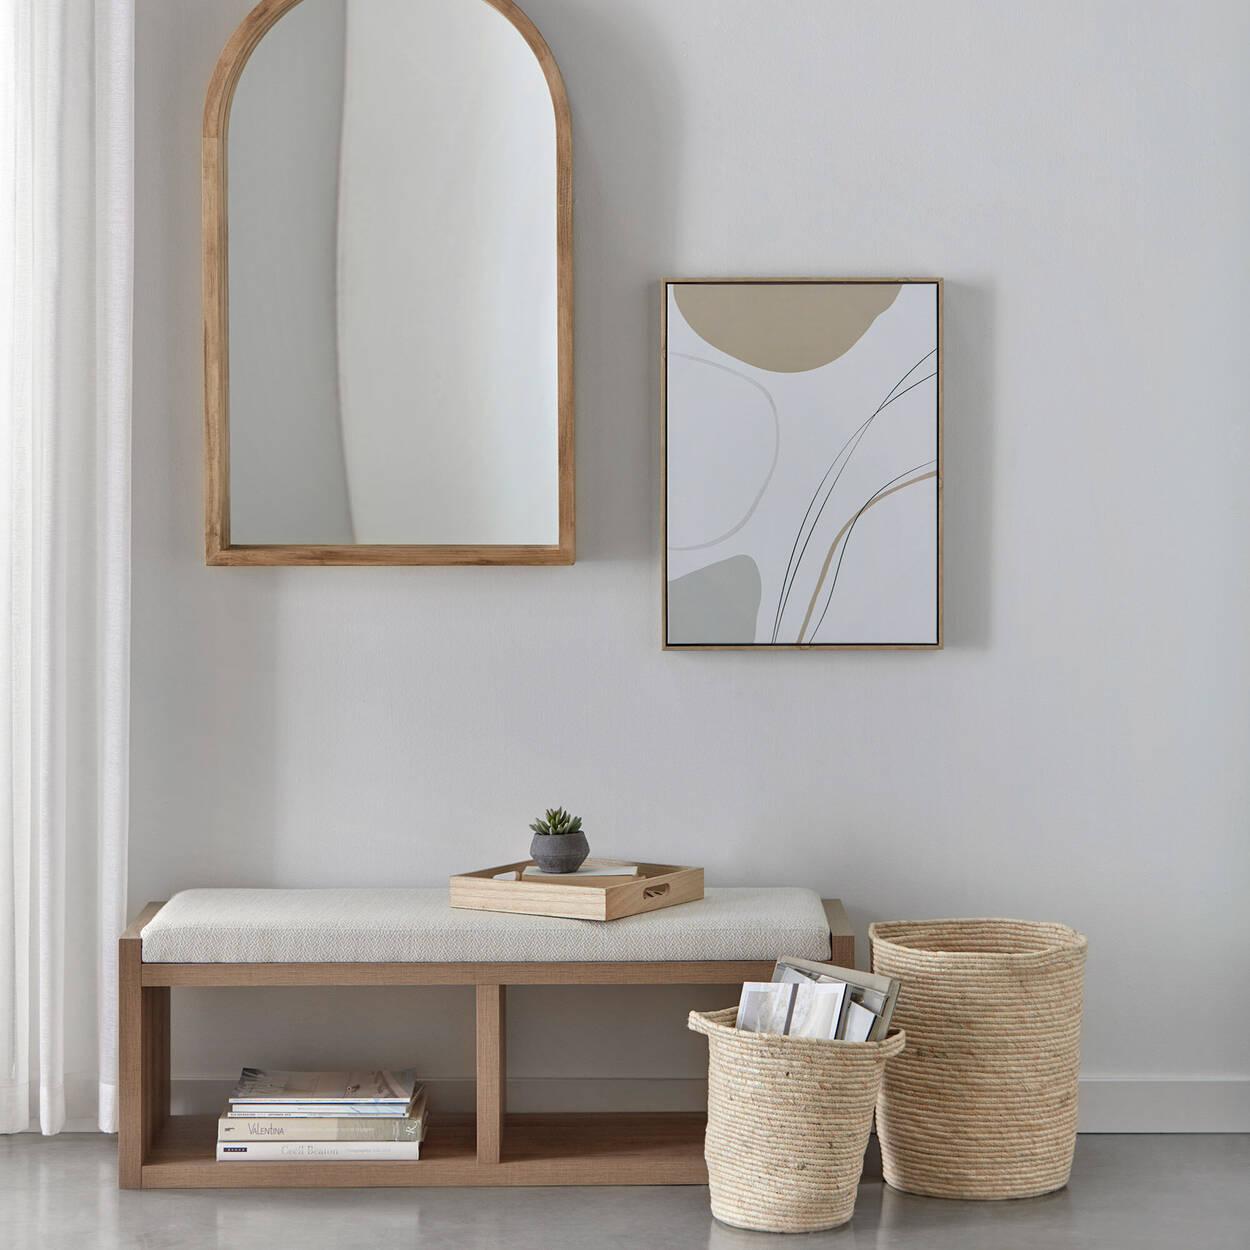 Miroir arche en bois de grange